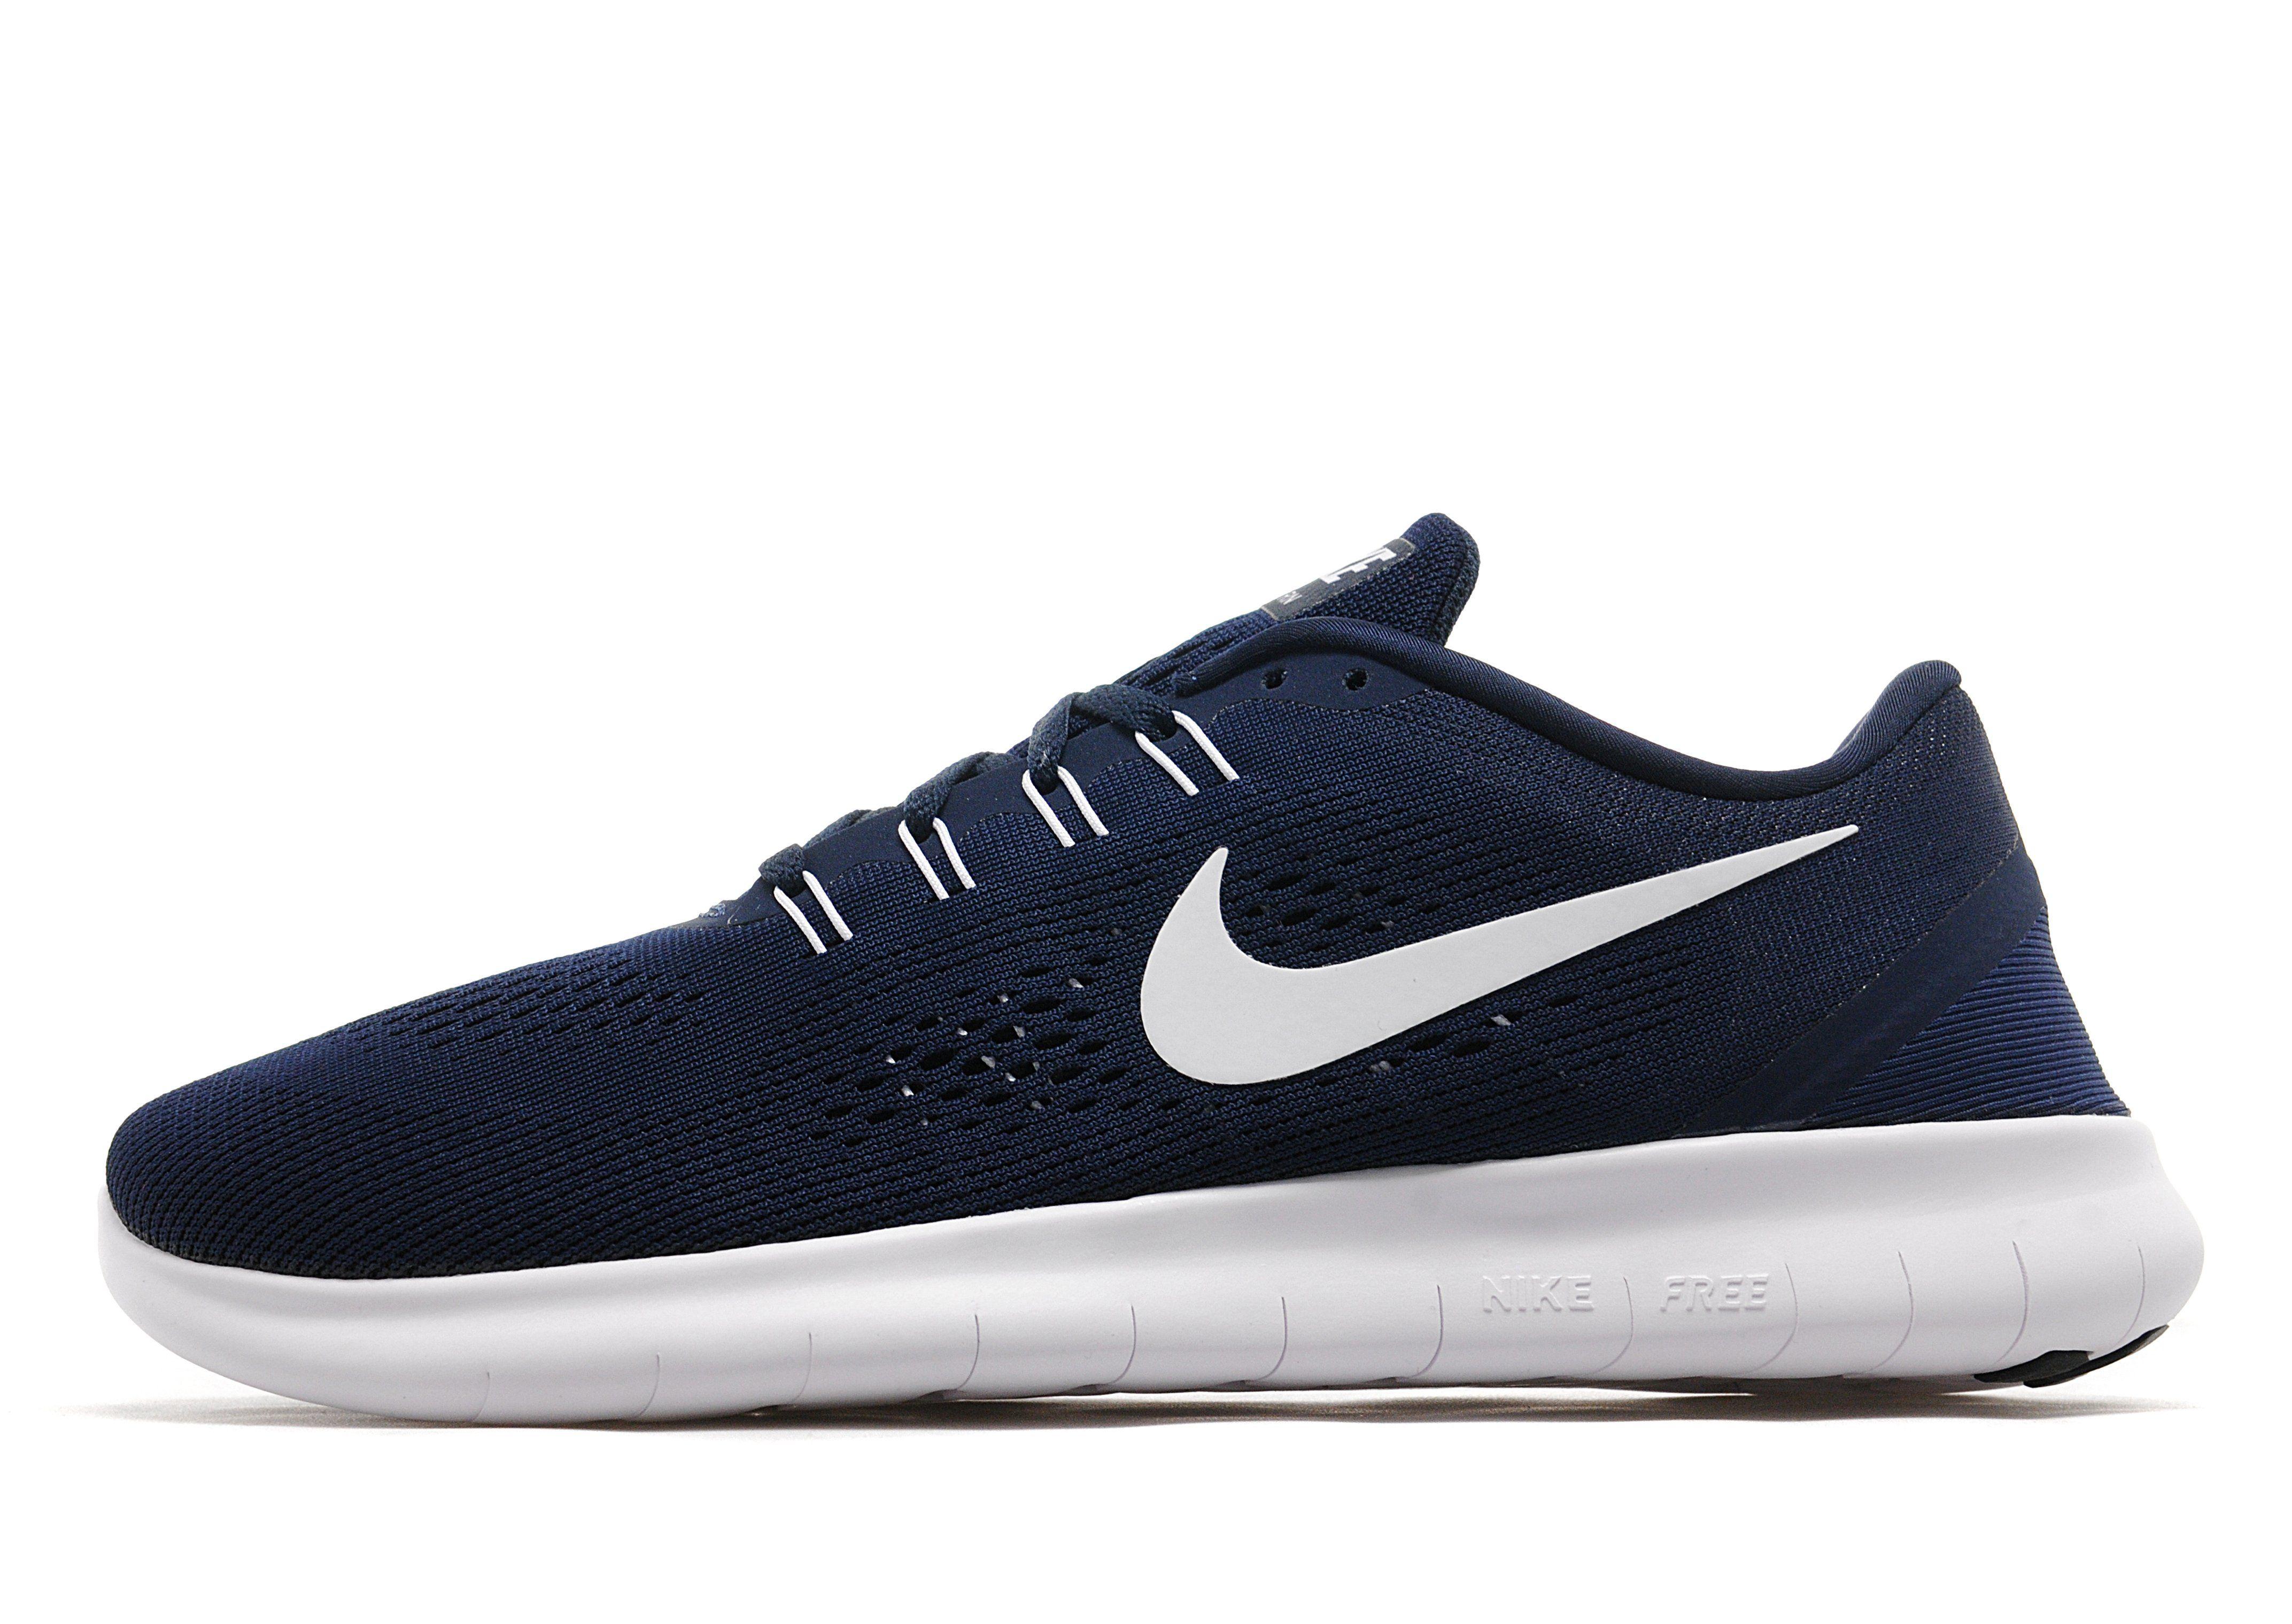 Nike Free Run | JD Sports low-cost